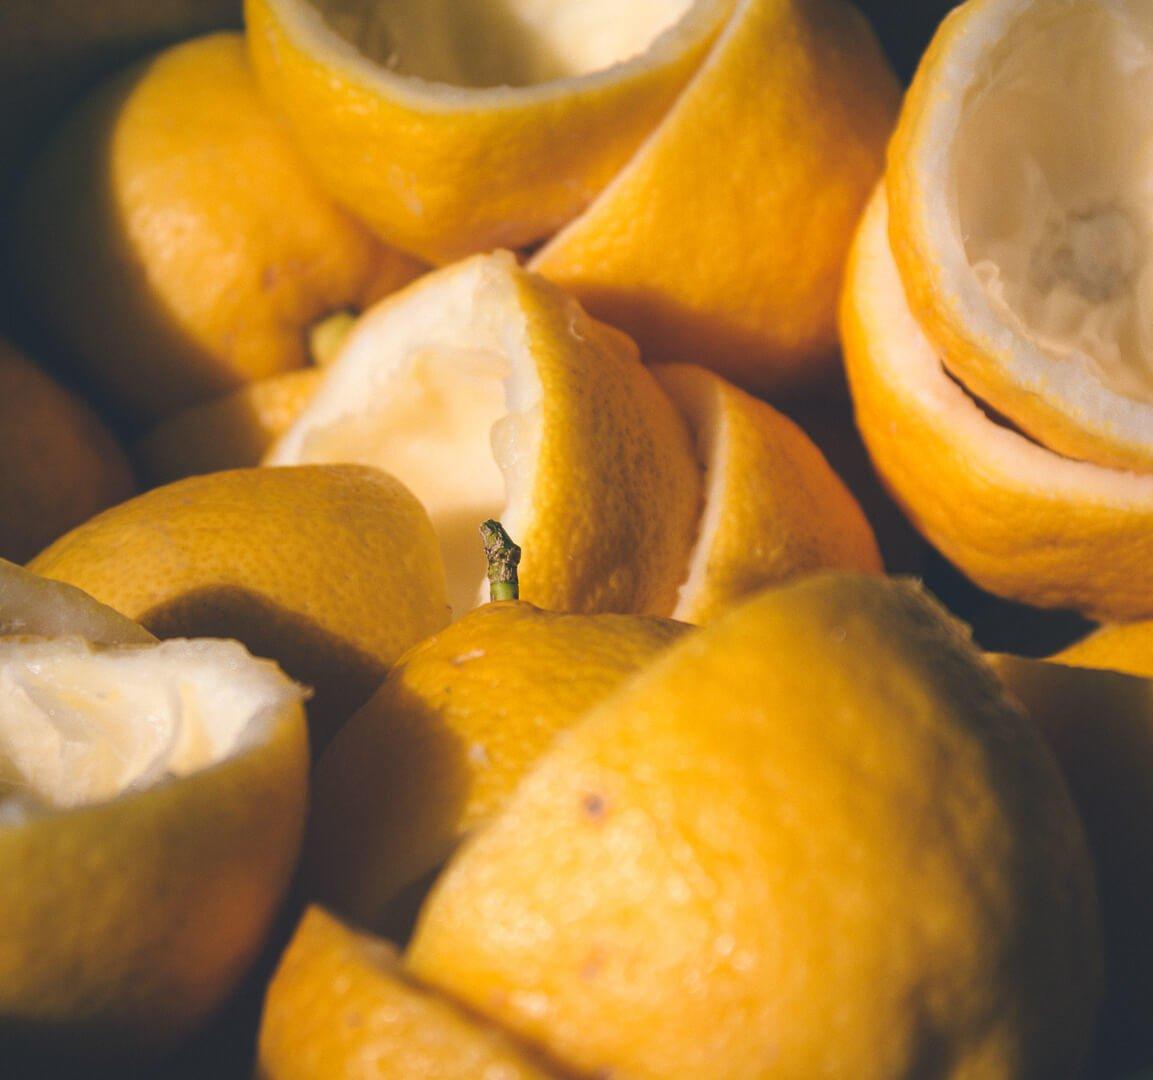 Lopud Lemon peels